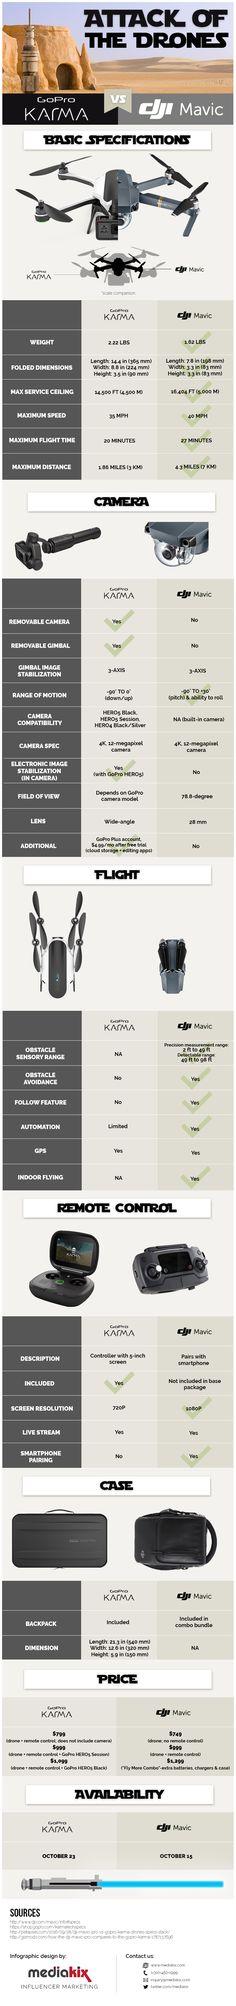 gopro-karma-vs-dji-mavic-pro-drone-wars-infographic2